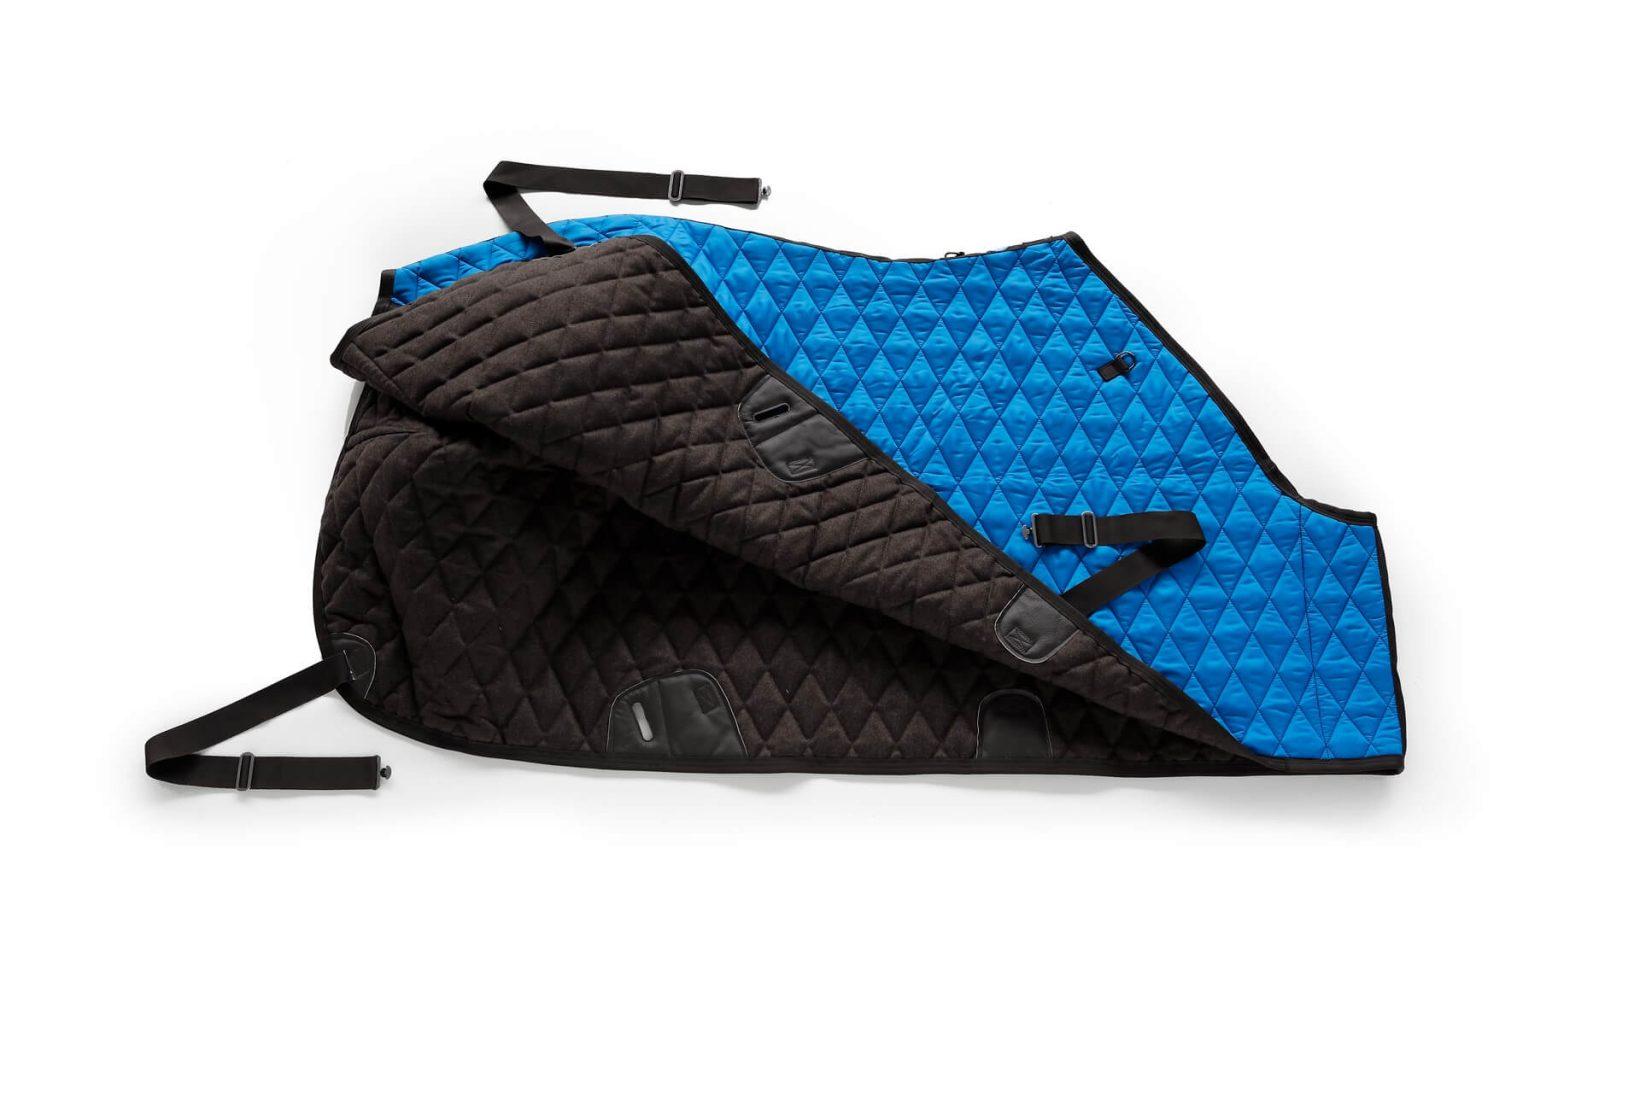 Copertina invernale blu per cavallo in nylon impermeabile e lana | 246 Reiner Professional